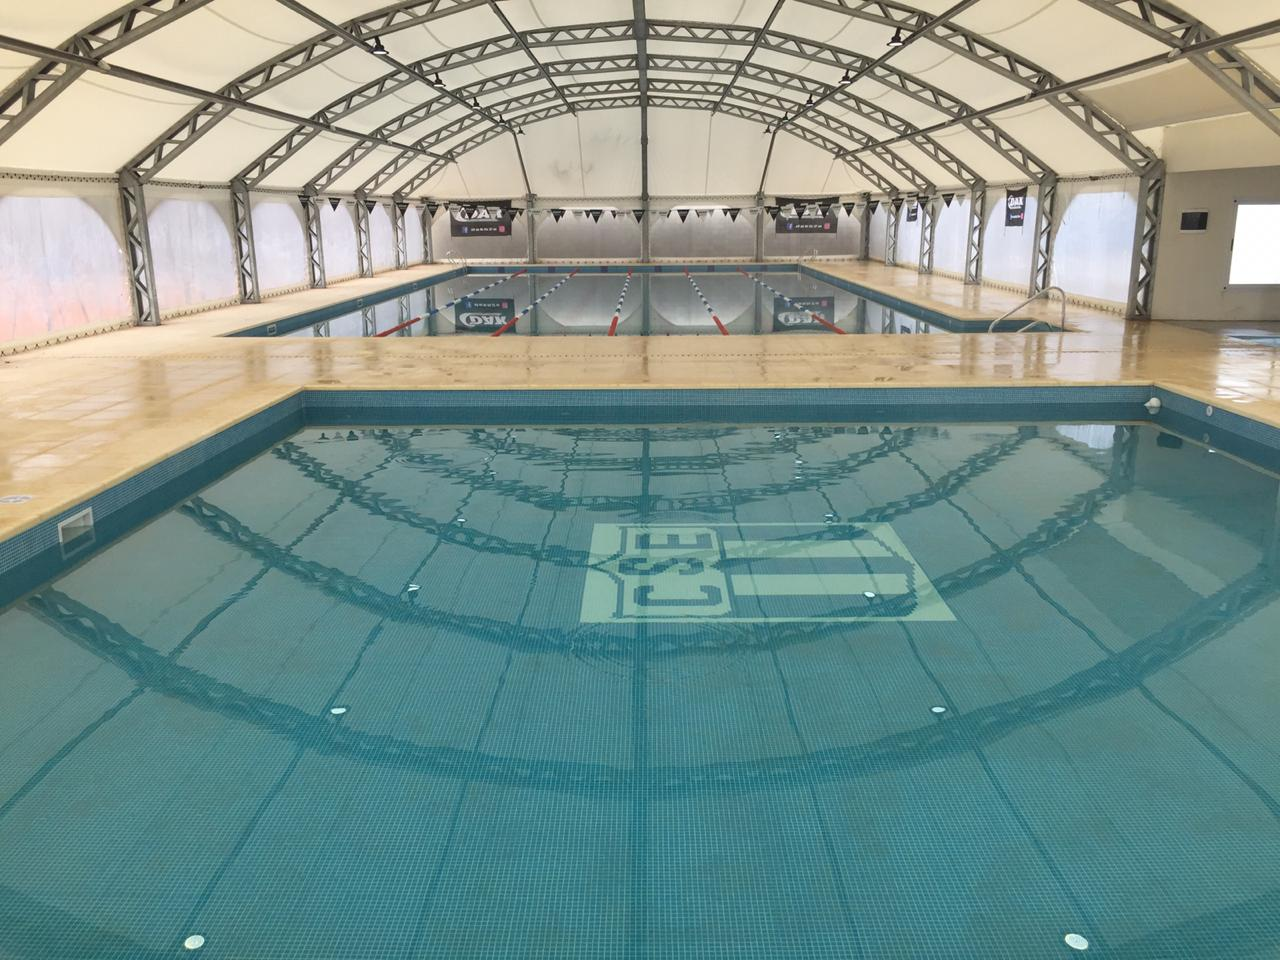 Regresa la natación al Club Sportivo Escobar